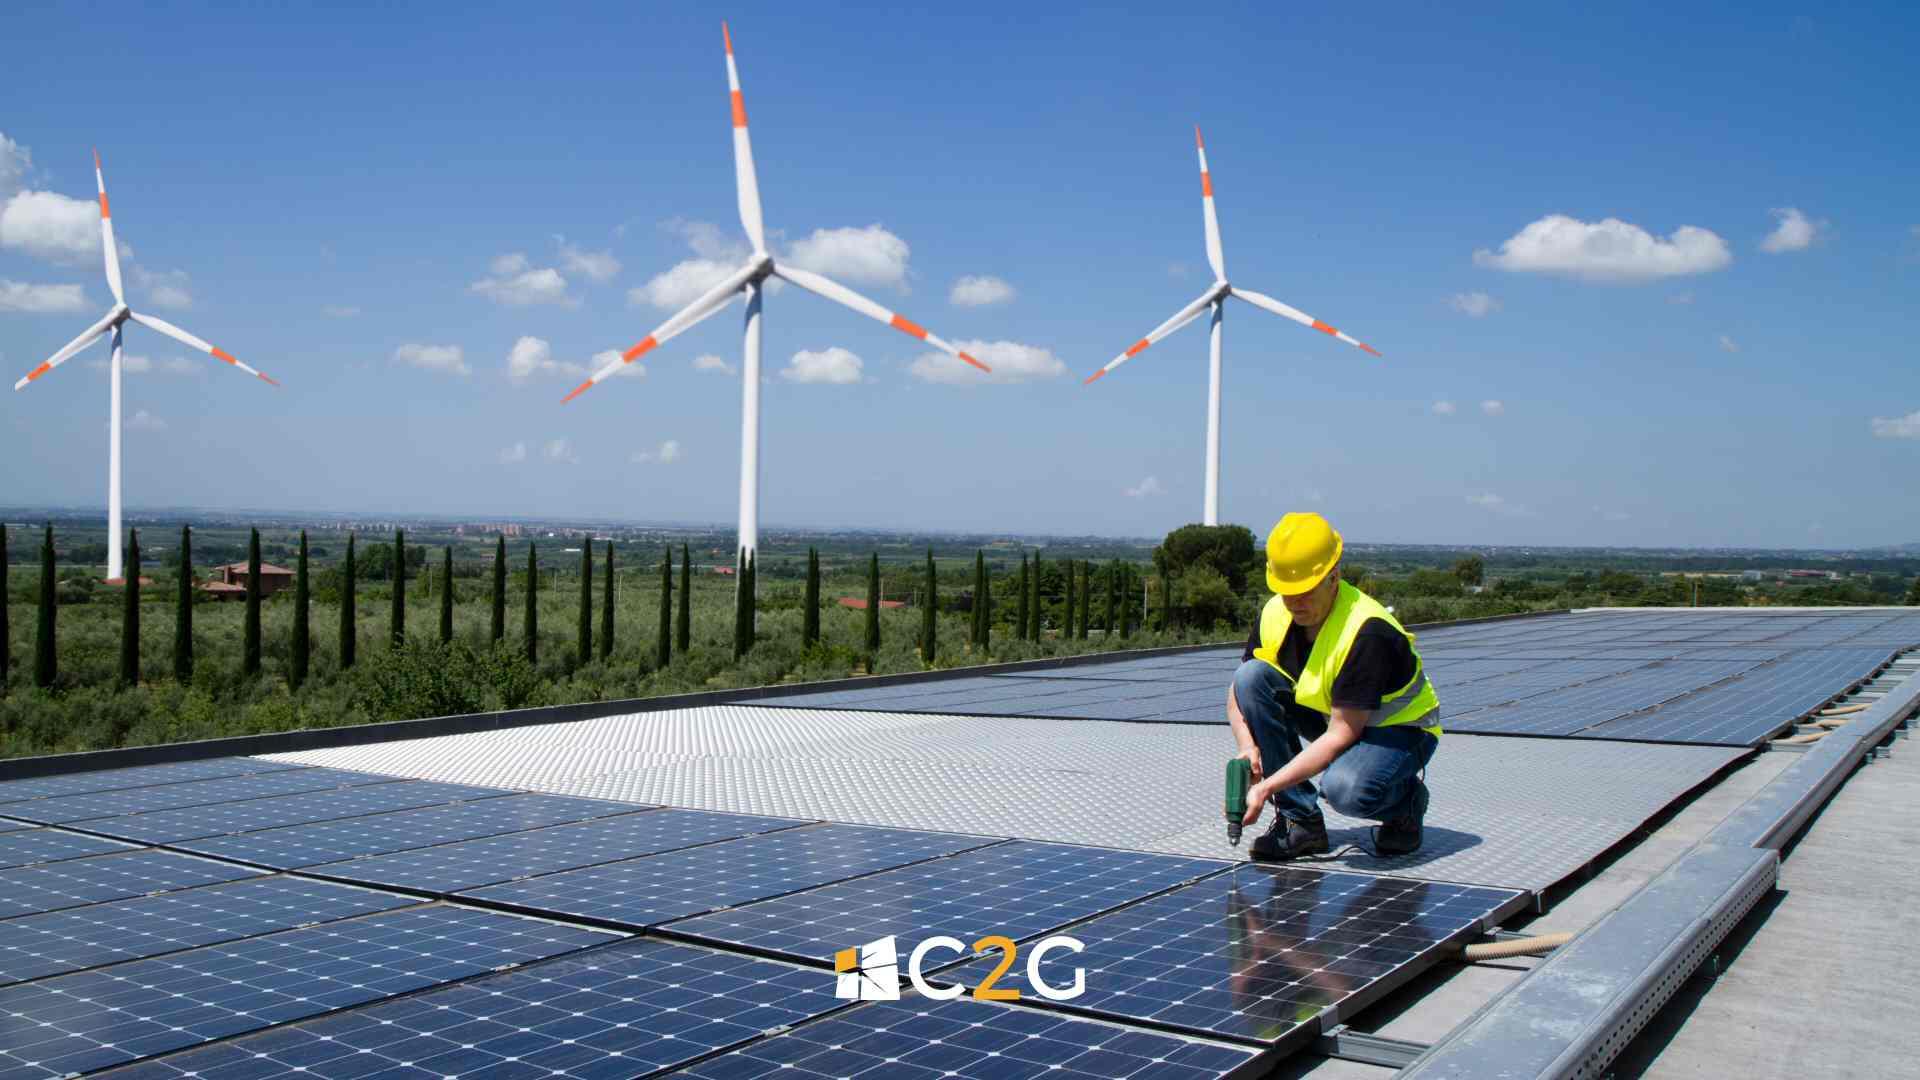 Installazione impianti fotovoltaici - C2G Solar